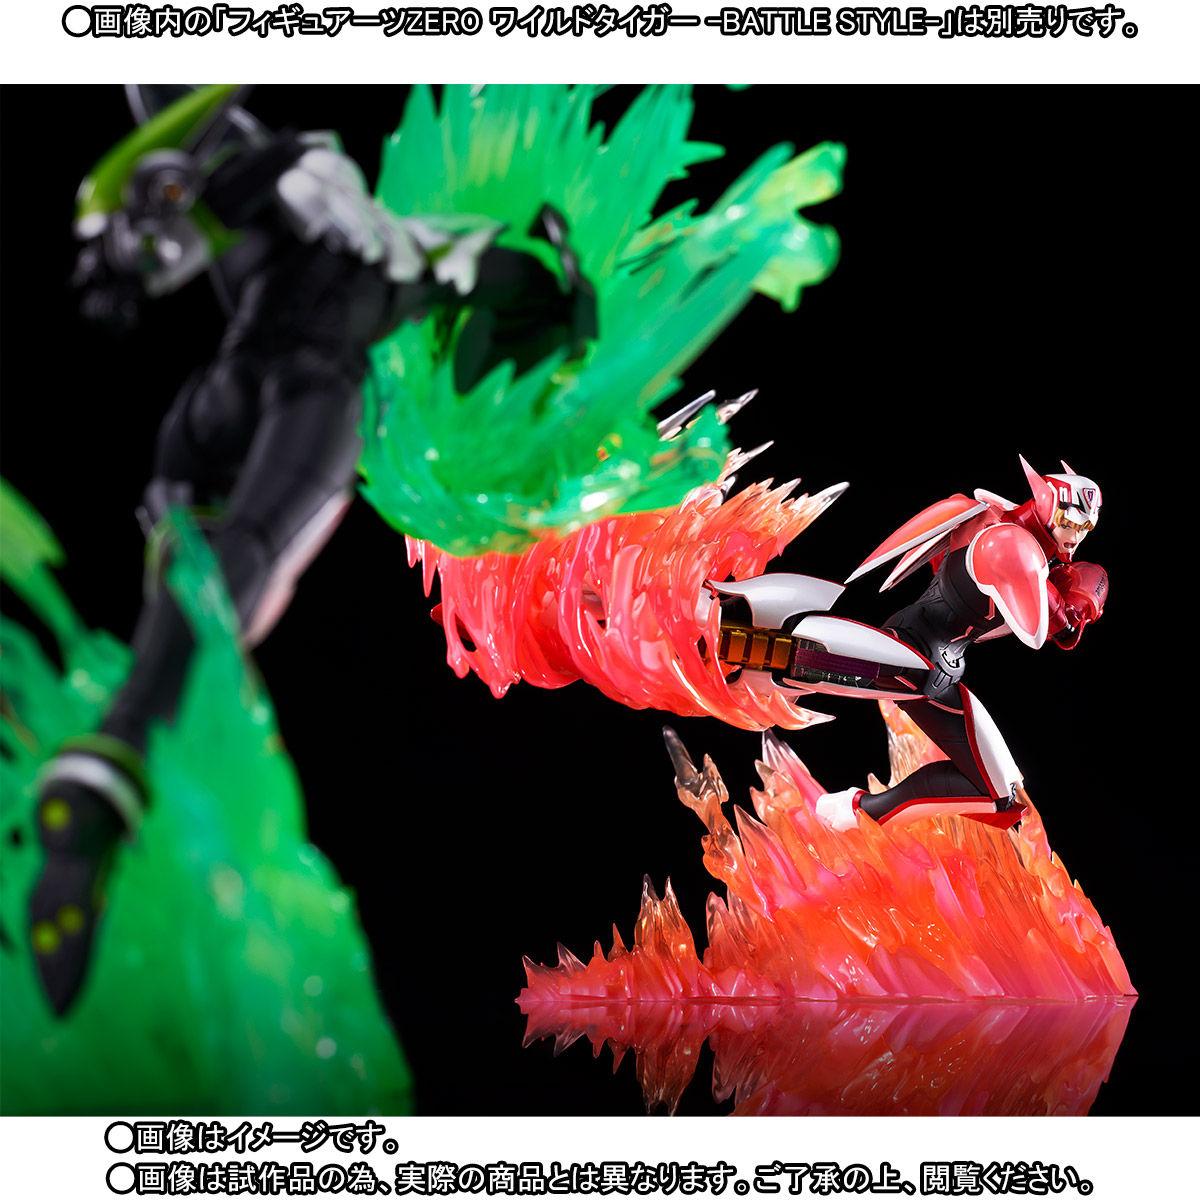 フィギュアーツZERO『バーナビー・ブルックスJr. -BATTLE STYLE-』TIGER & BUNNY 完成品フィギュア-006